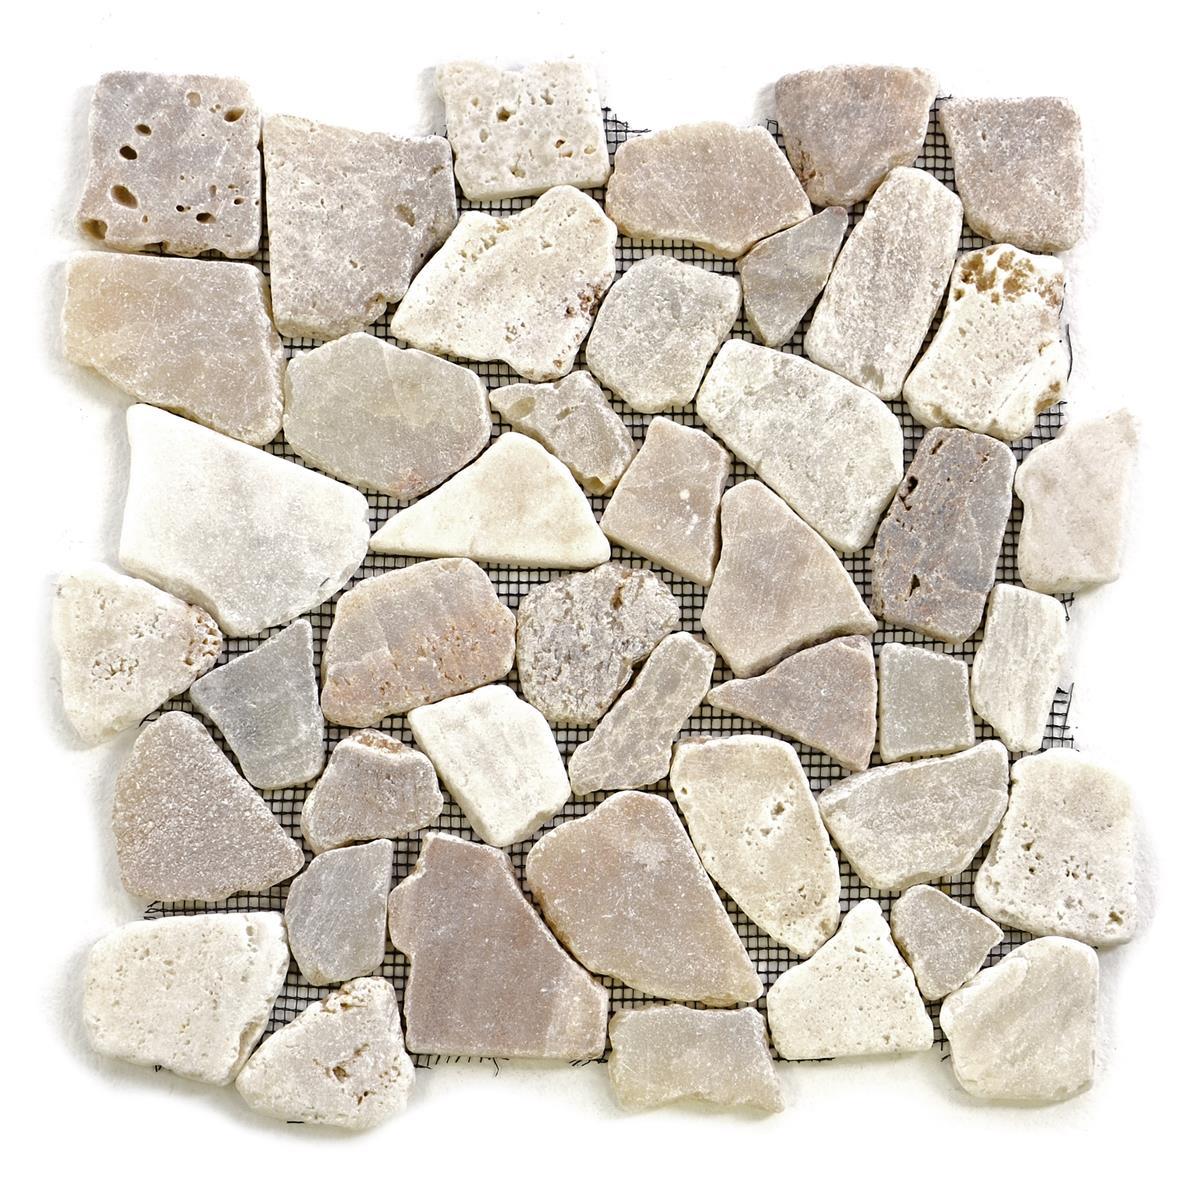 DIVERO 1 Fliesenmatte Naturstein Mosaik Flussstein creme 32 x 32 cm